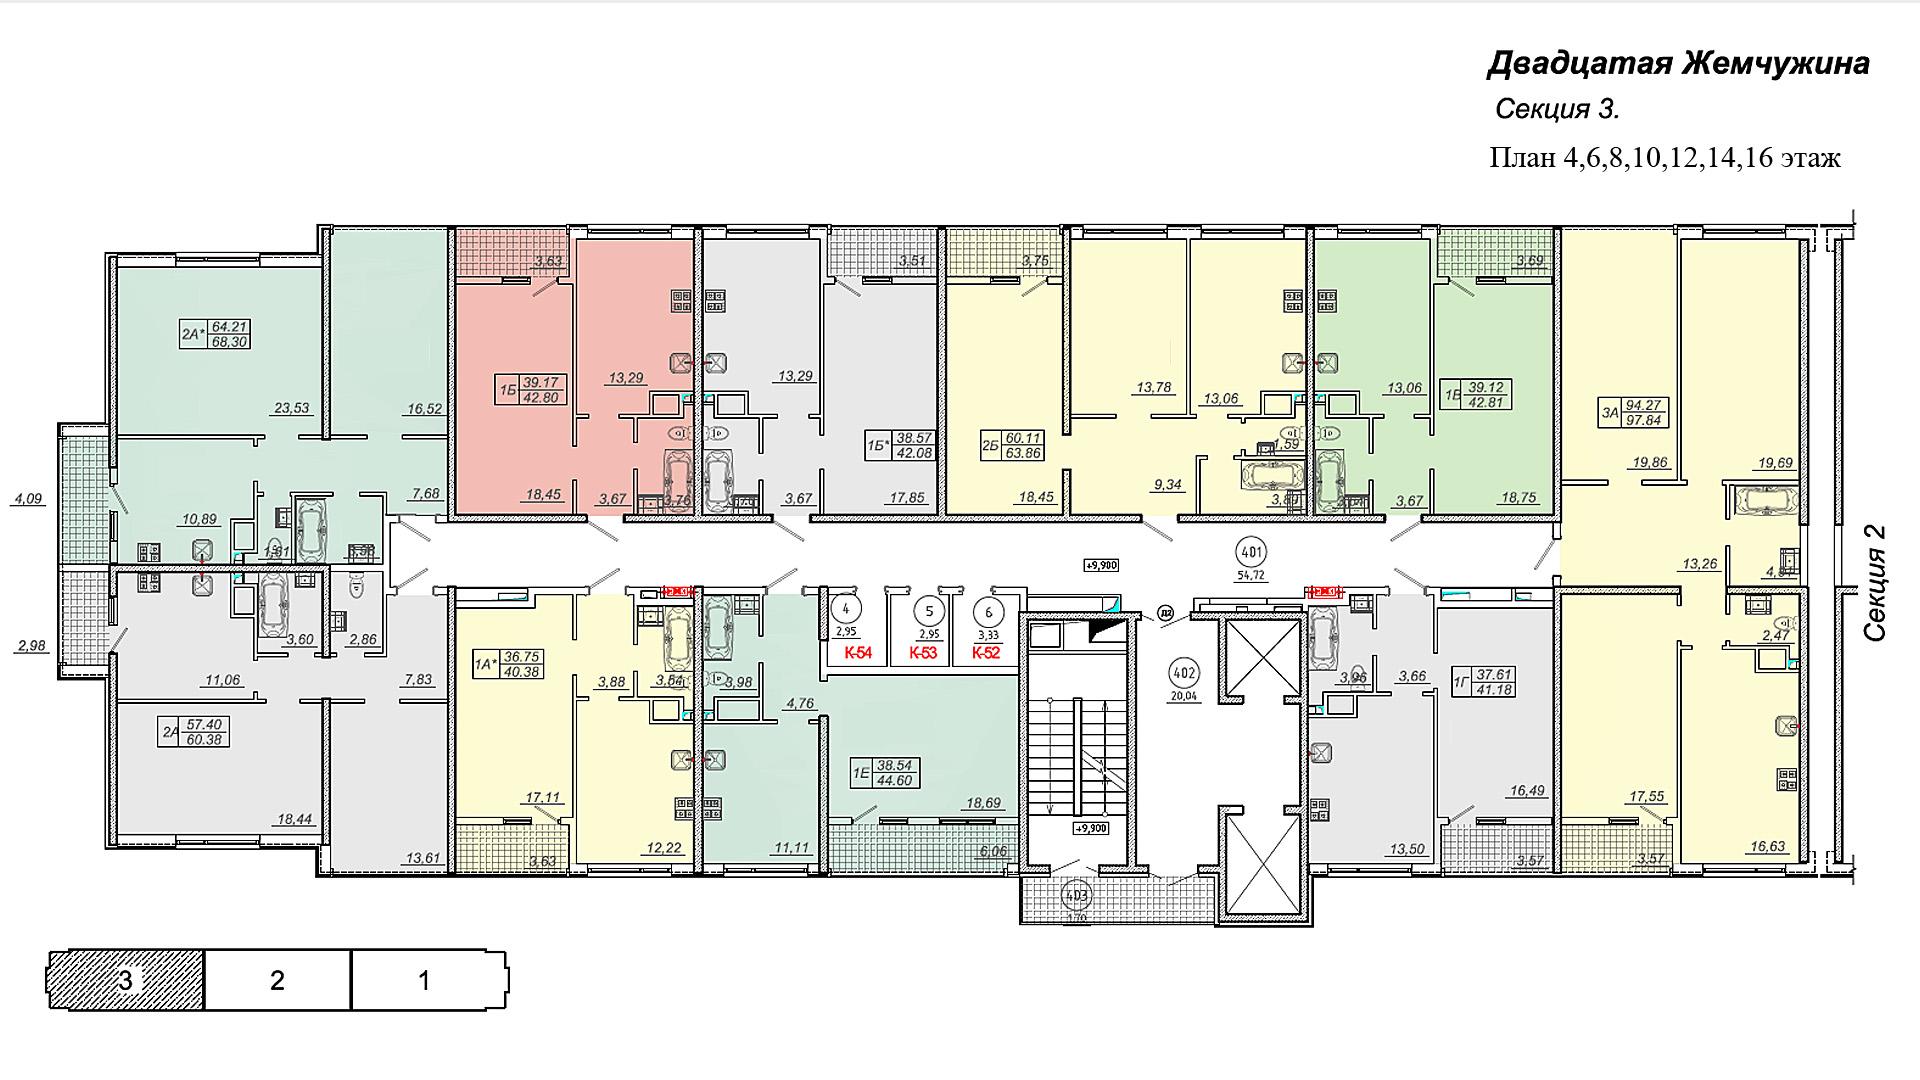 41 кв.м Кадорр, 20 Жемчужина, Планировка секция 3, этаж